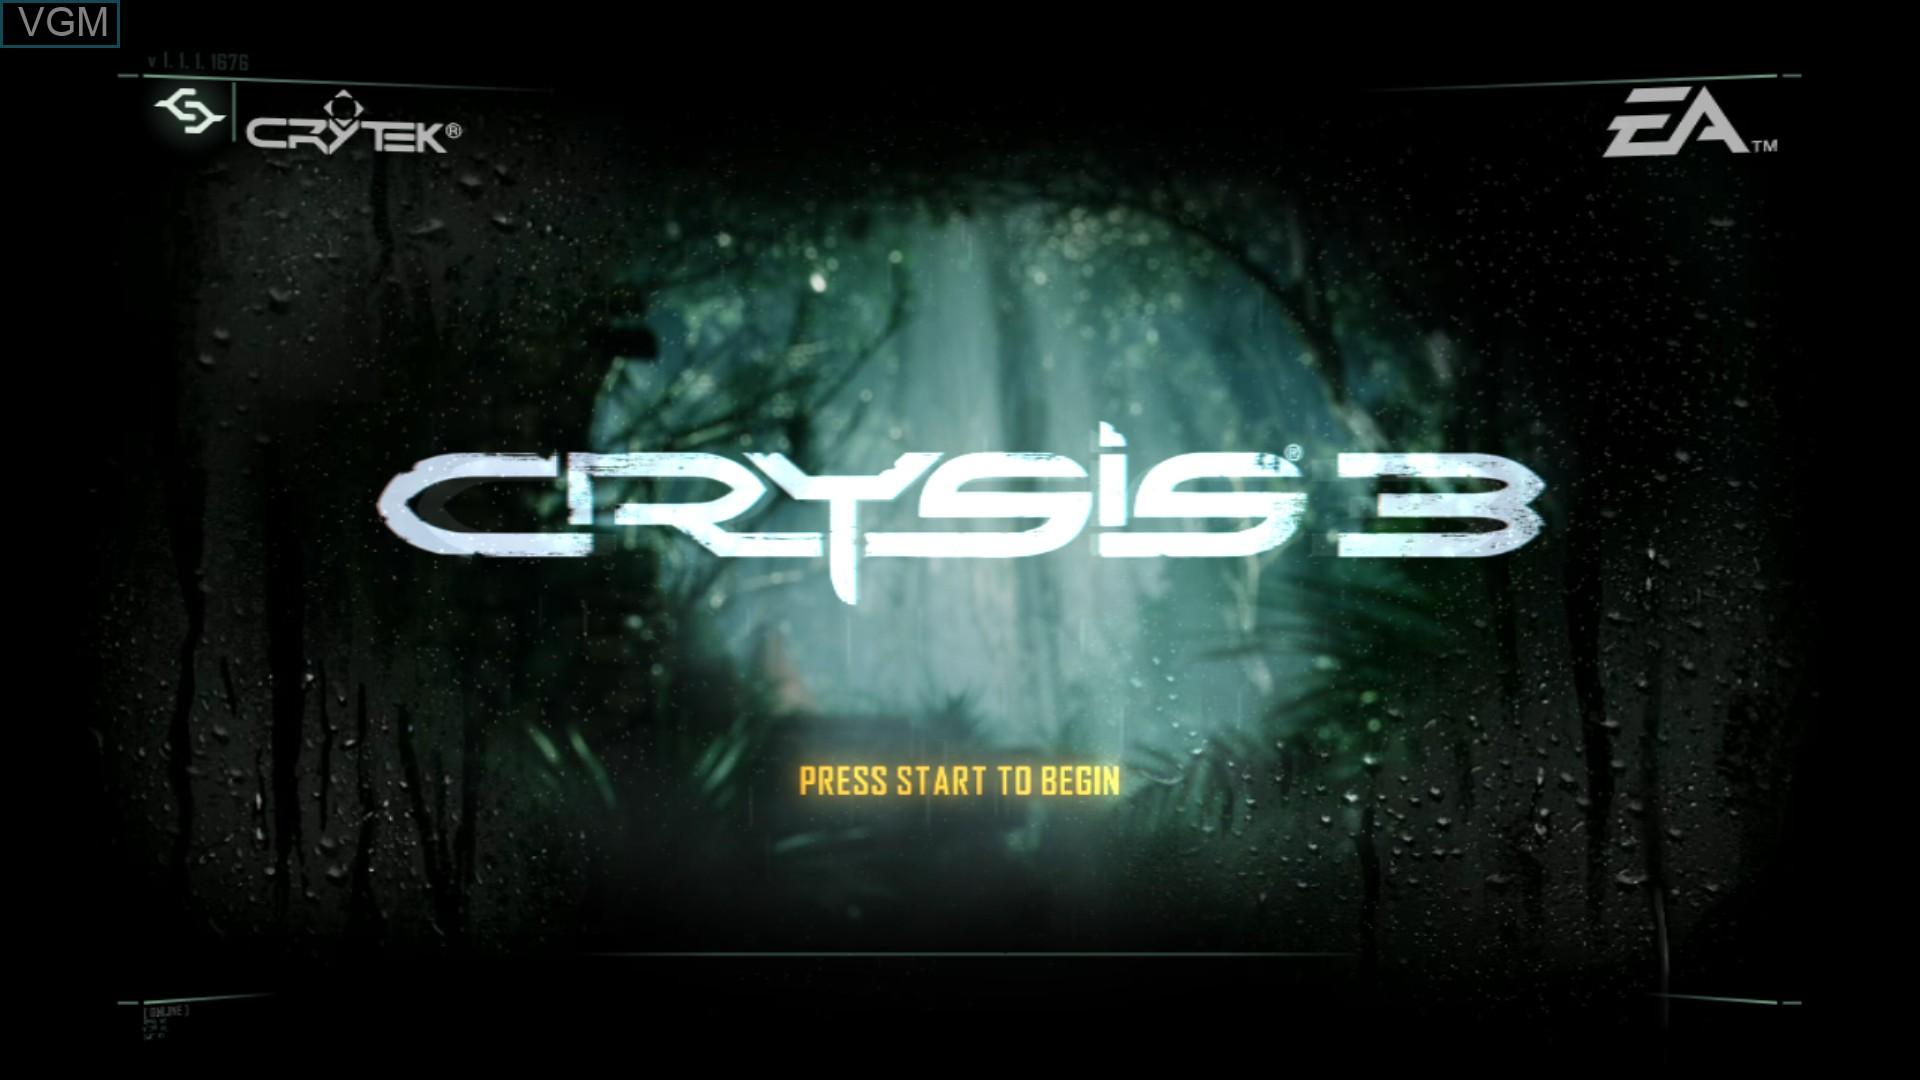 Image de l'ecran titre du jeu Crysis 3 sur Sony Playstation 3